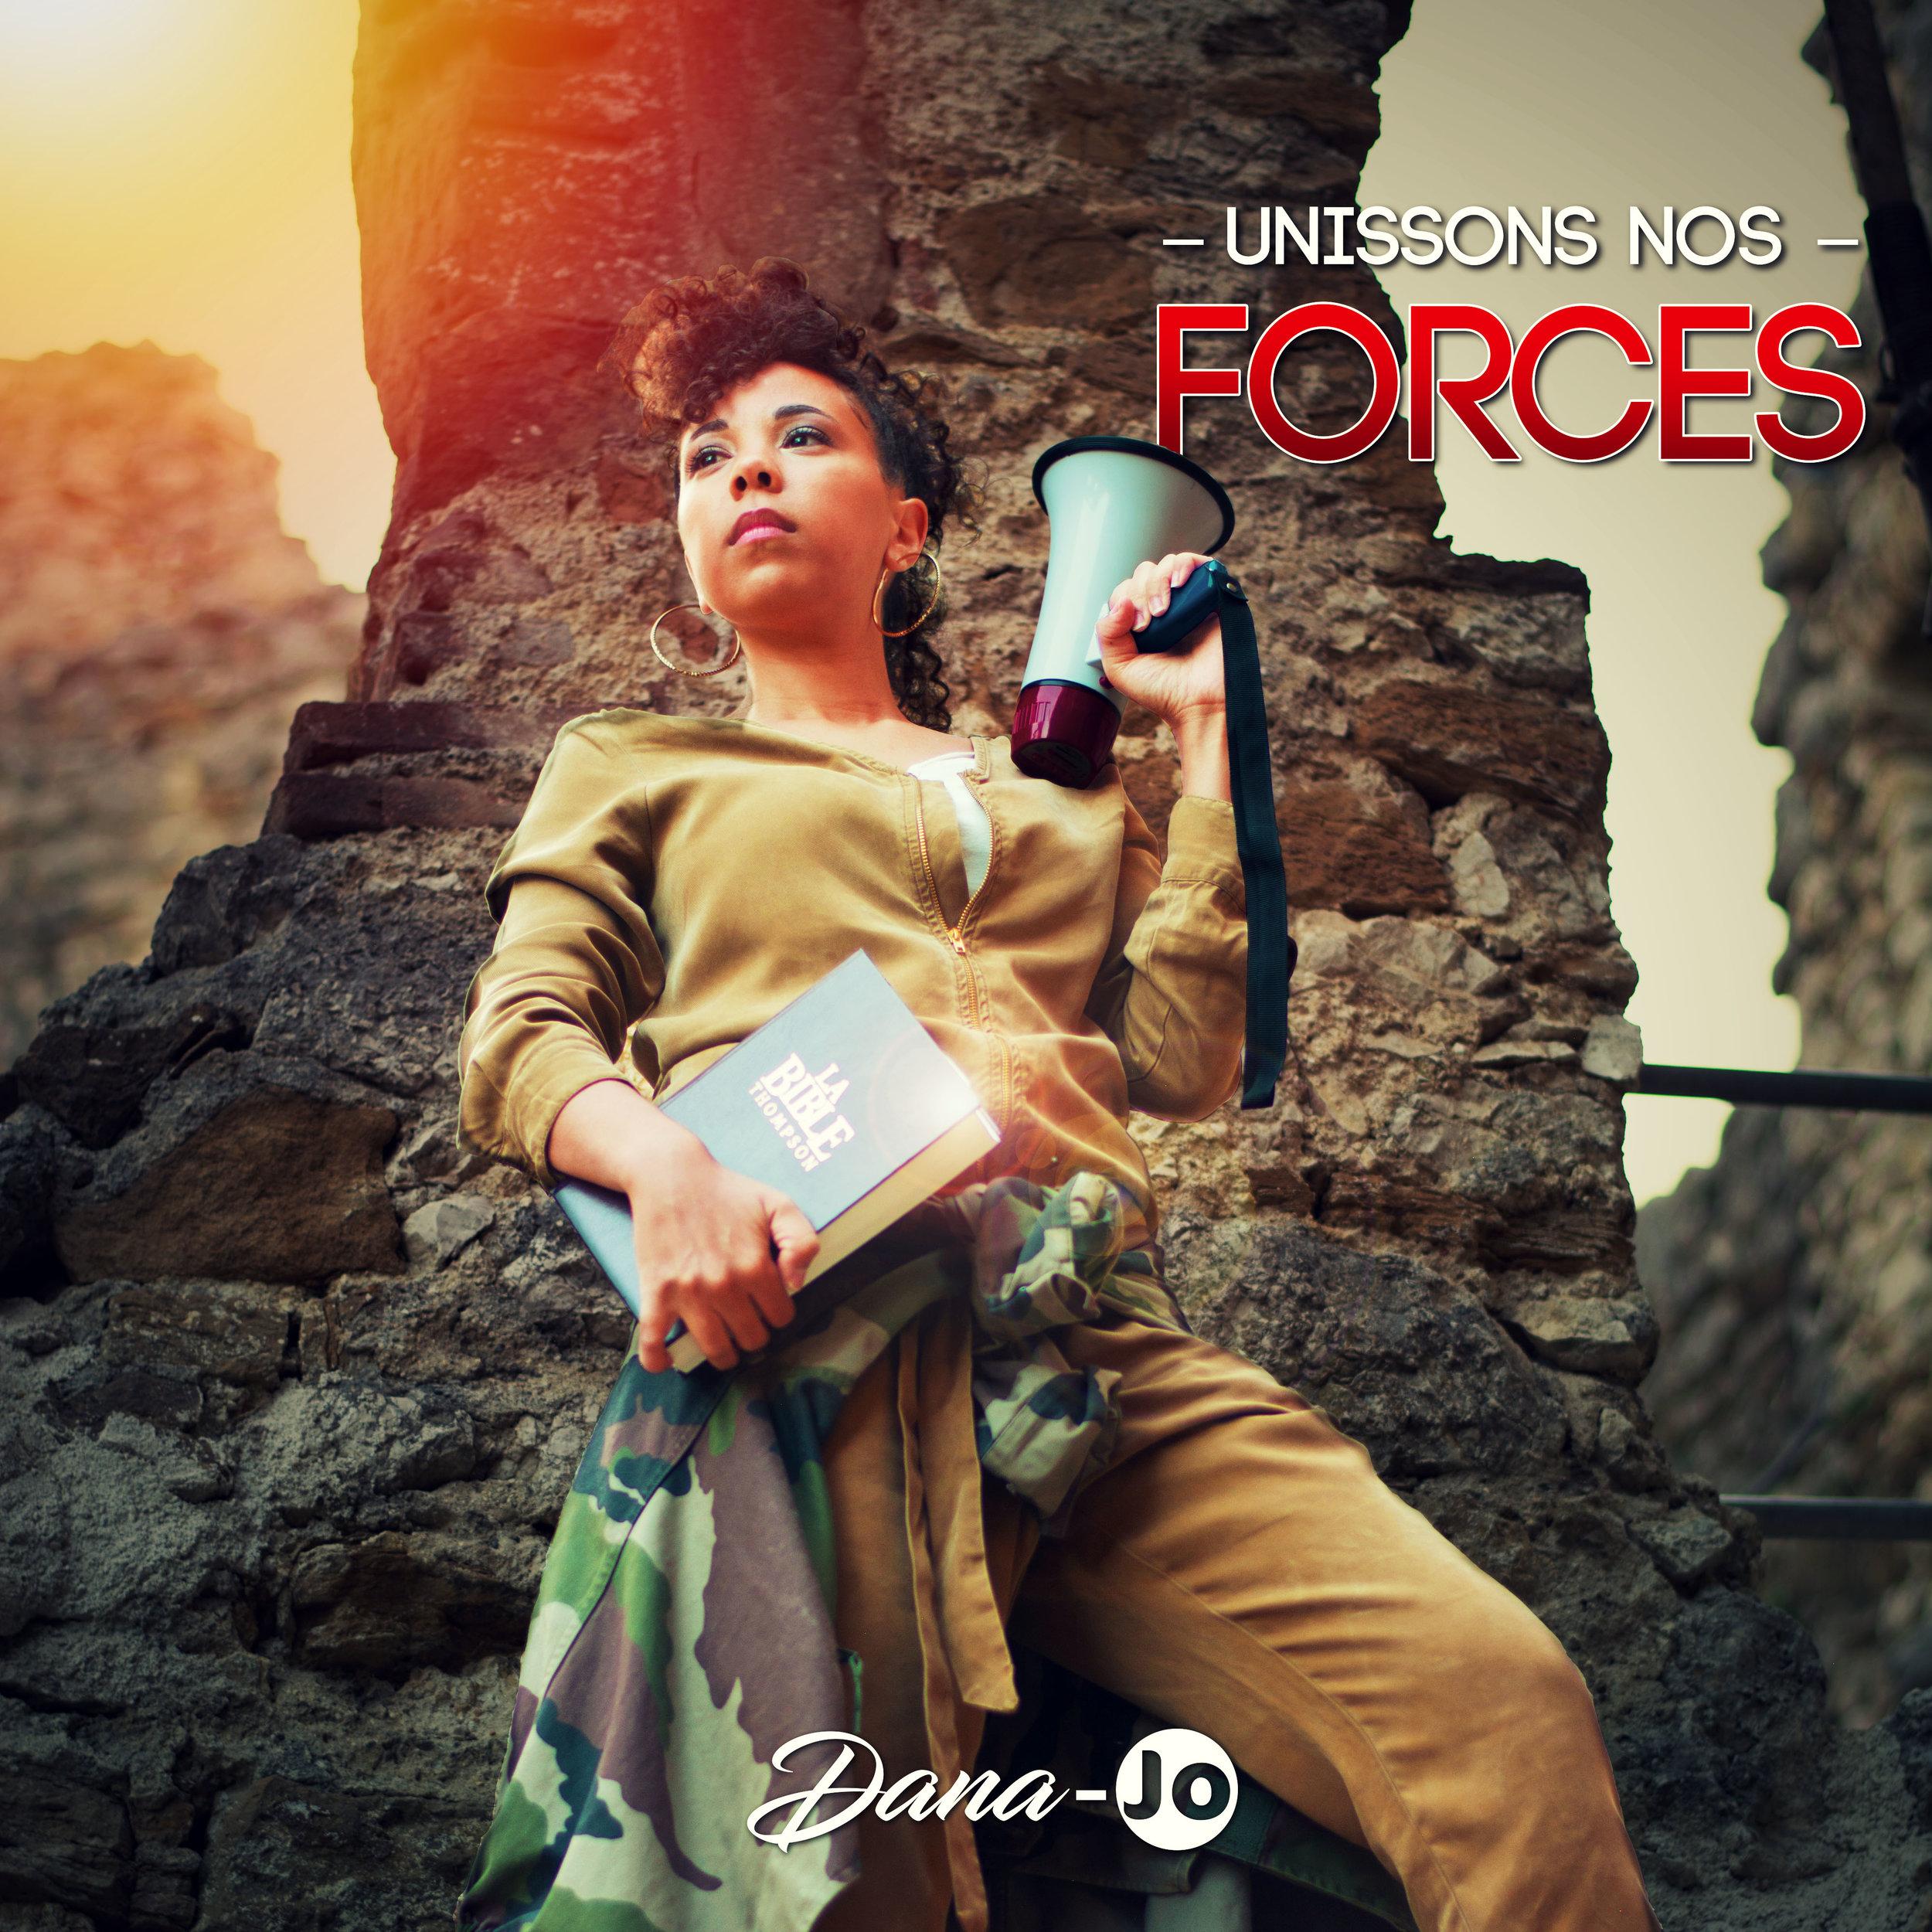 Découvre le nouvel album de Dana-jo - Ecoute quelques titres de l'album